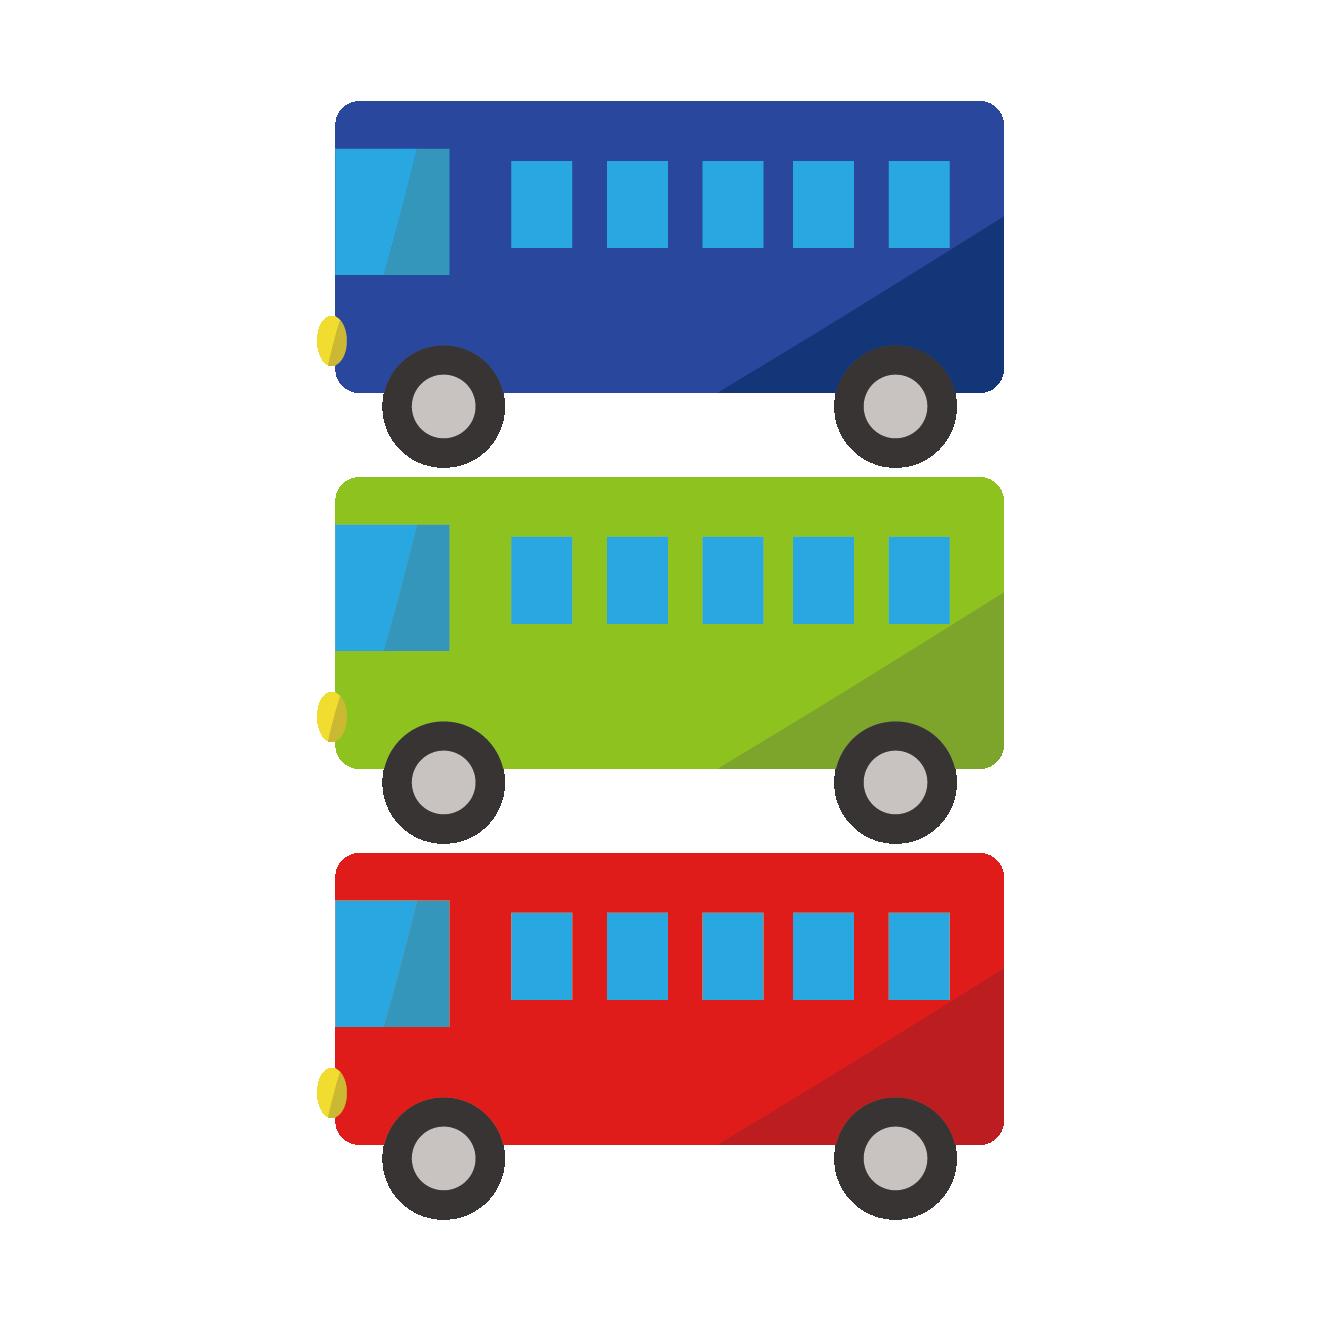 3色のかわいいバスのイラスト | 商用フリー(無料)のイラスト素材なら